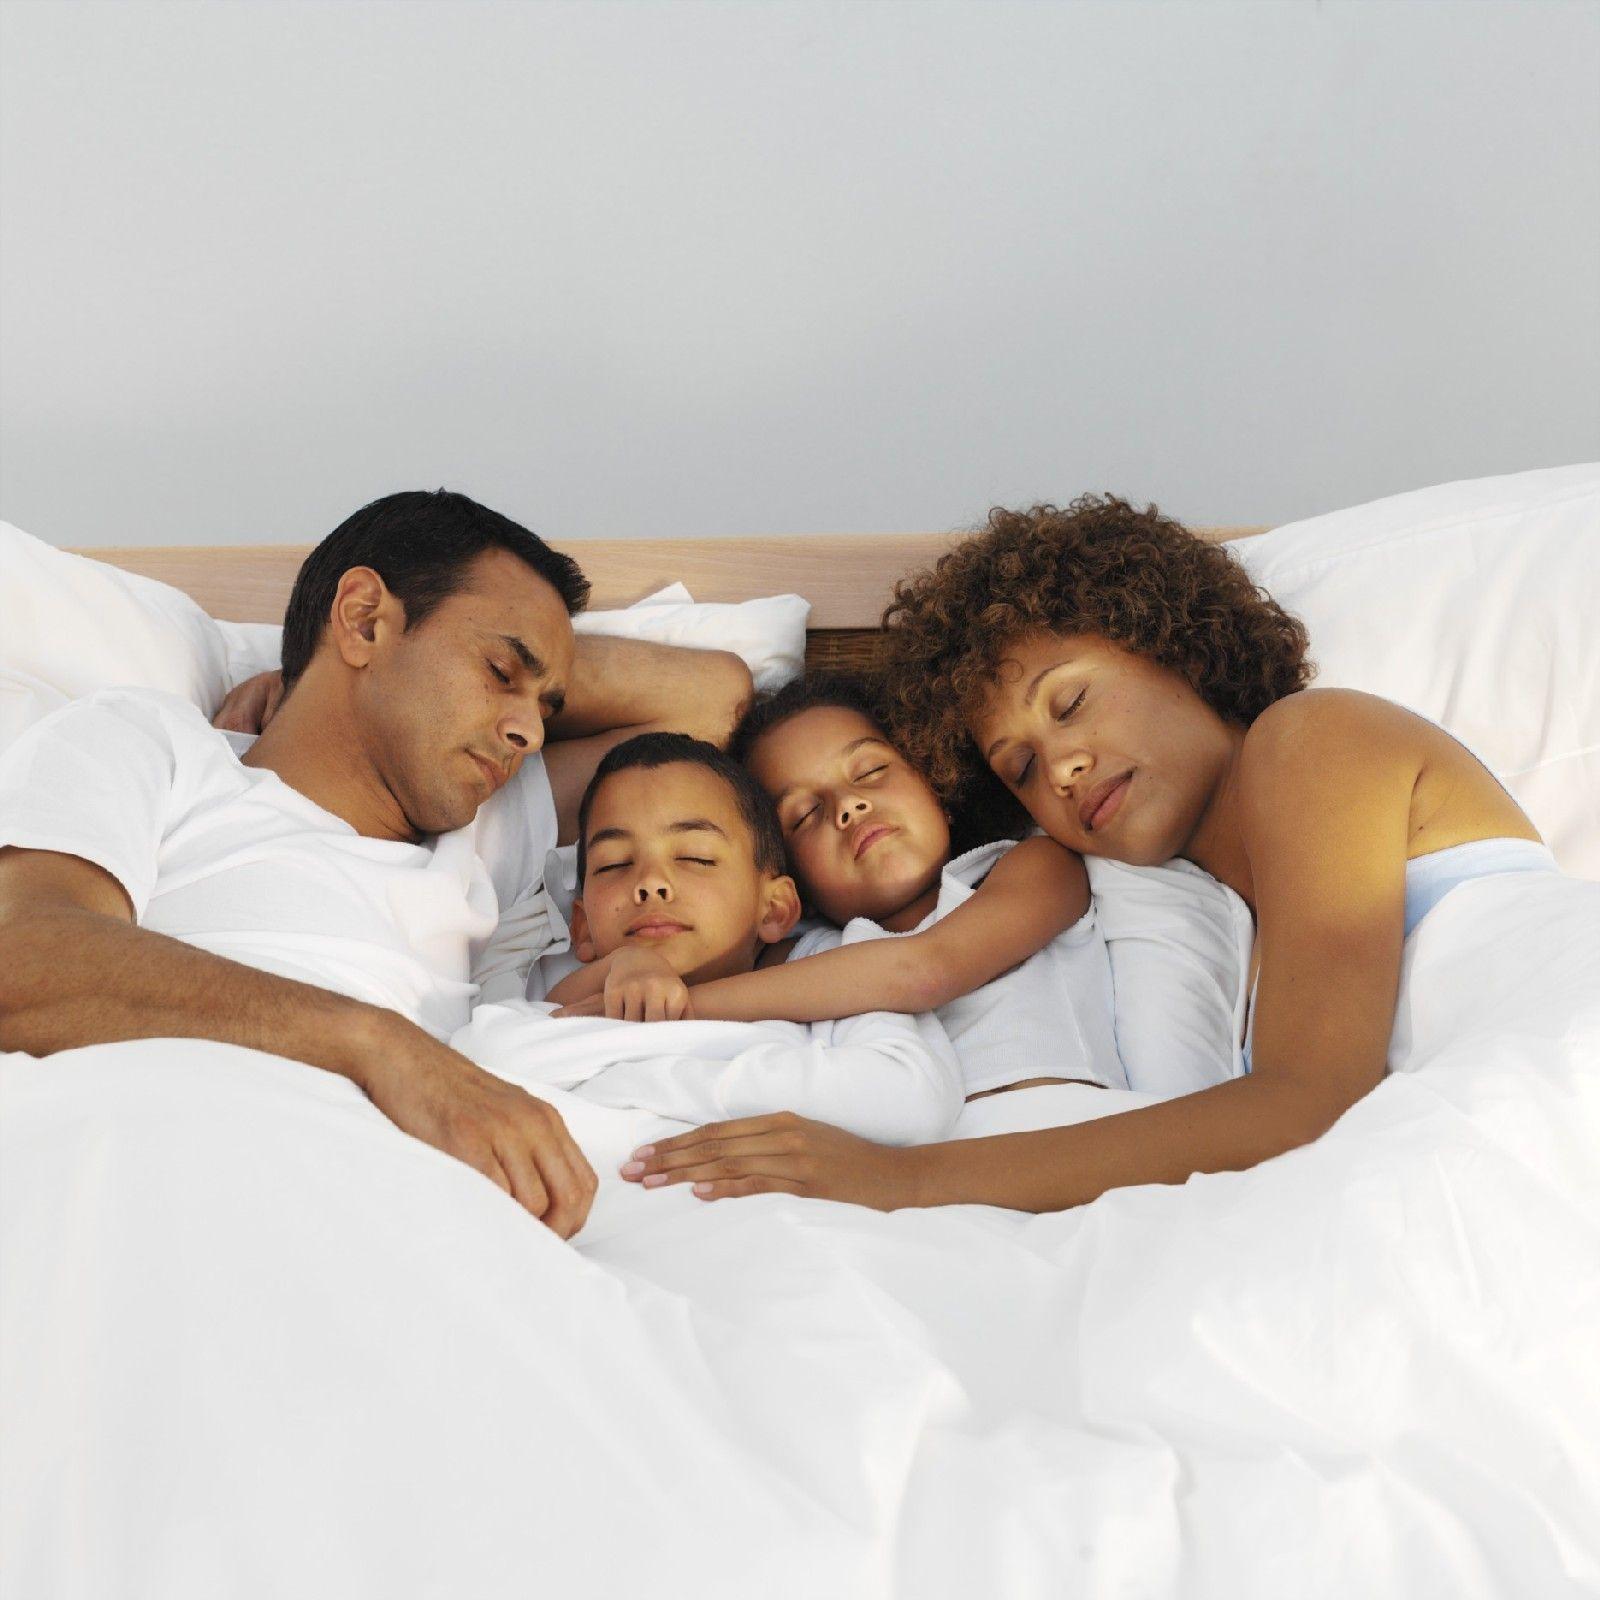 Besser schlafen: So lernt Ihr Kind im eigenen Bett zu